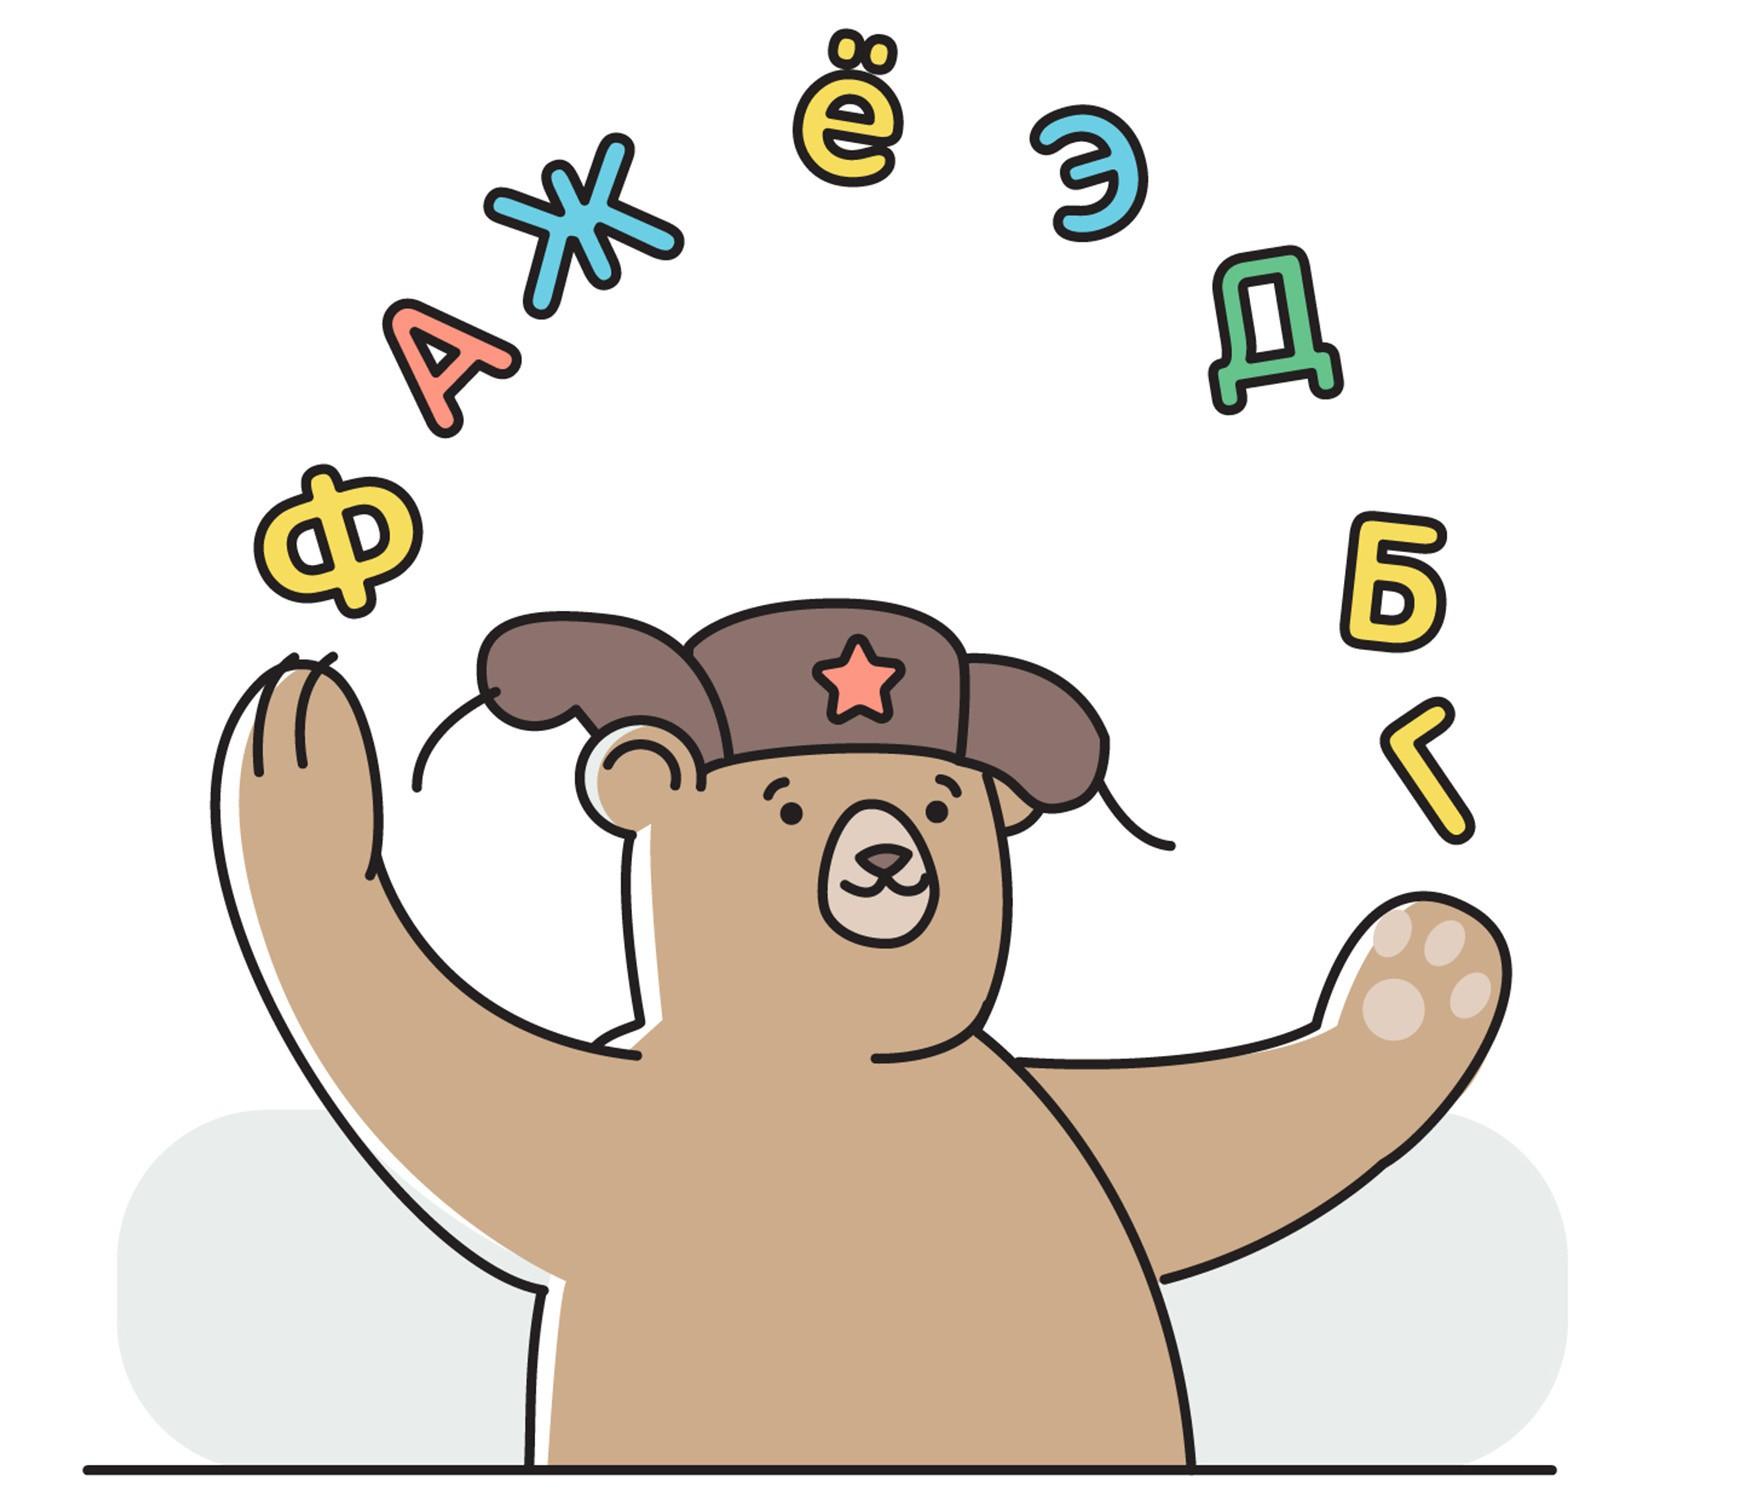 Sprachstudio Illustrationen zum Lehrbuch Russisch